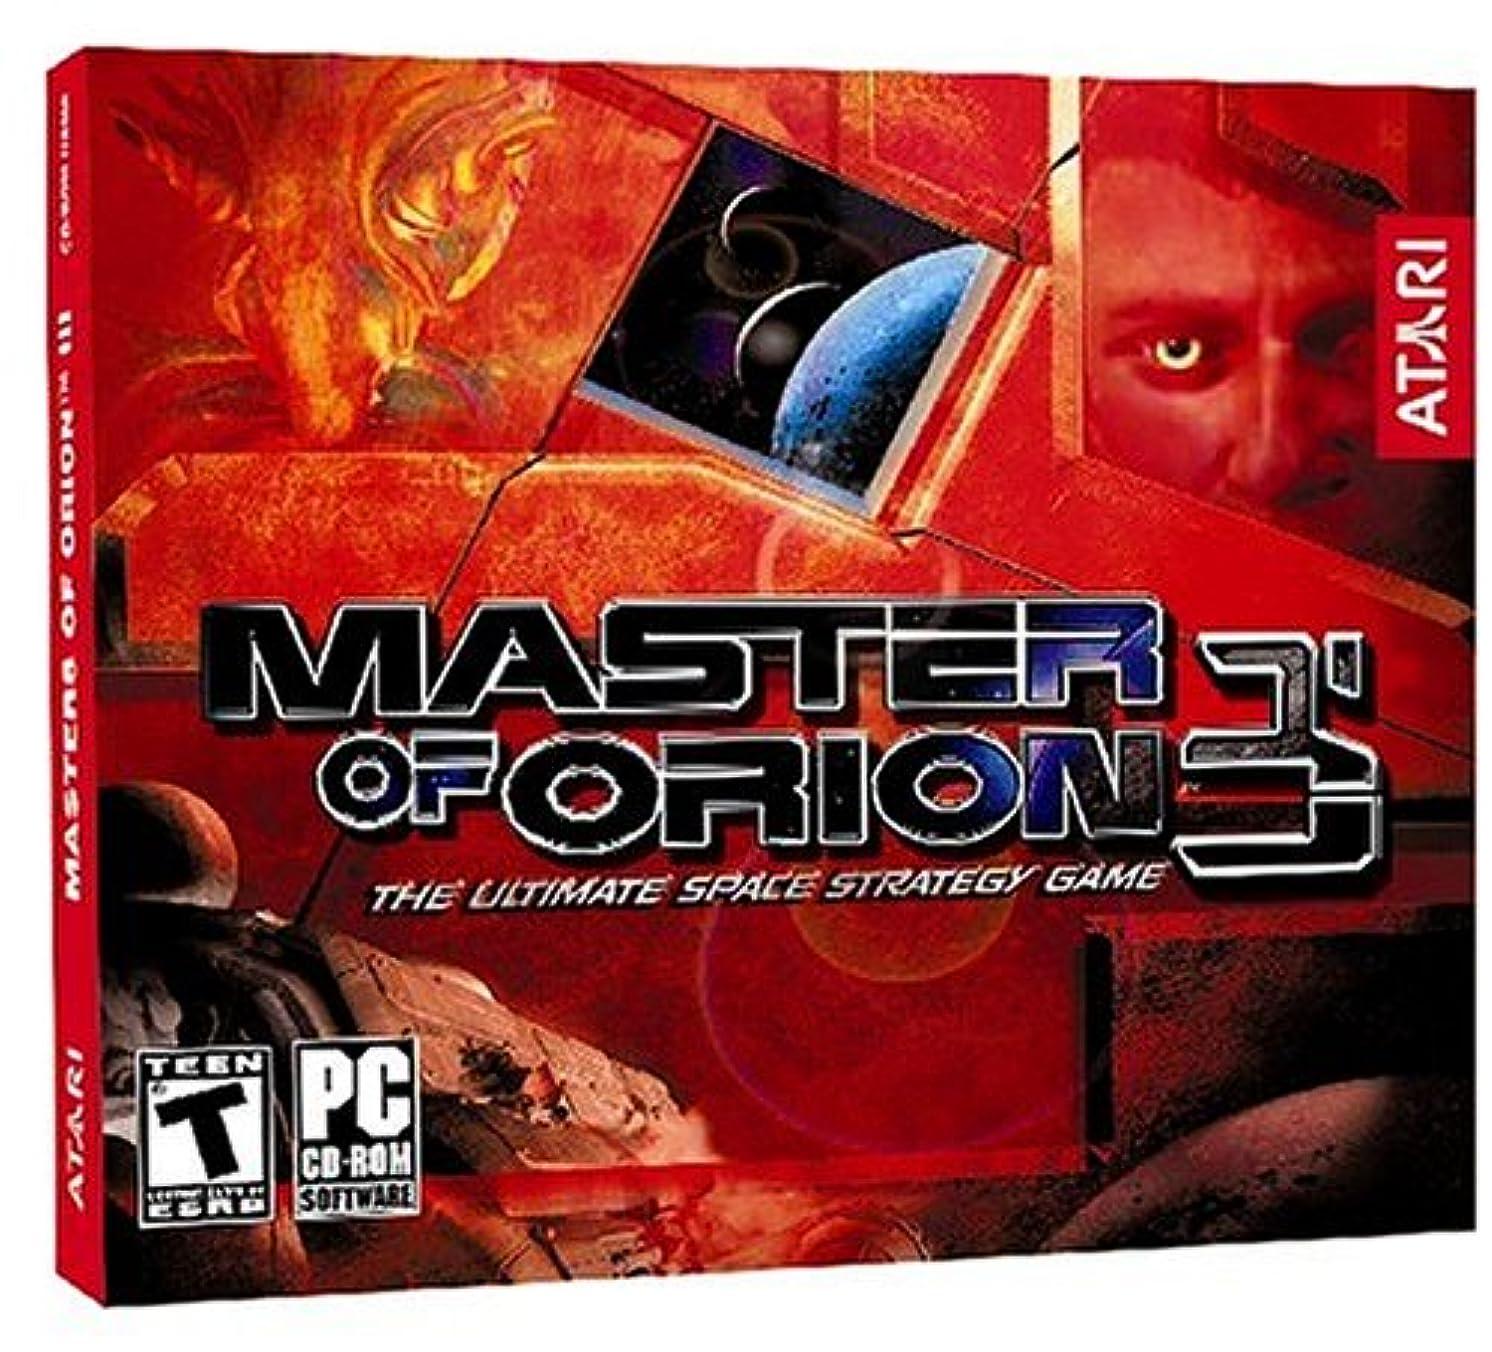 コンテスト宙返りシャックルMaster Of Orion 3 (Jewel Case) (輸入版)